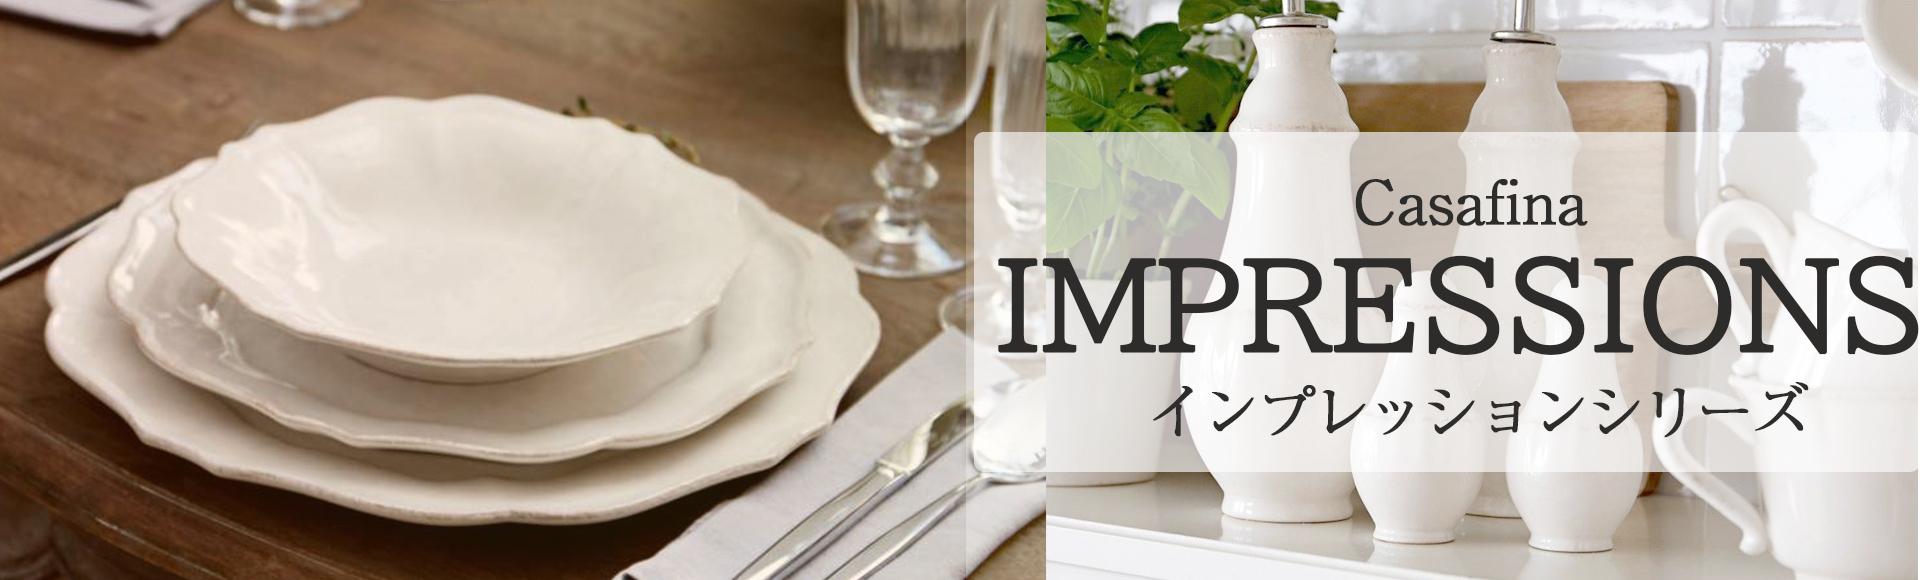 クラシックなフレンチカントリーのテイストに、手作業の濃淡やボーダーのデザインを加えて奥行きが加わったインプレッションシリーズ。印象的な食卓を演出。